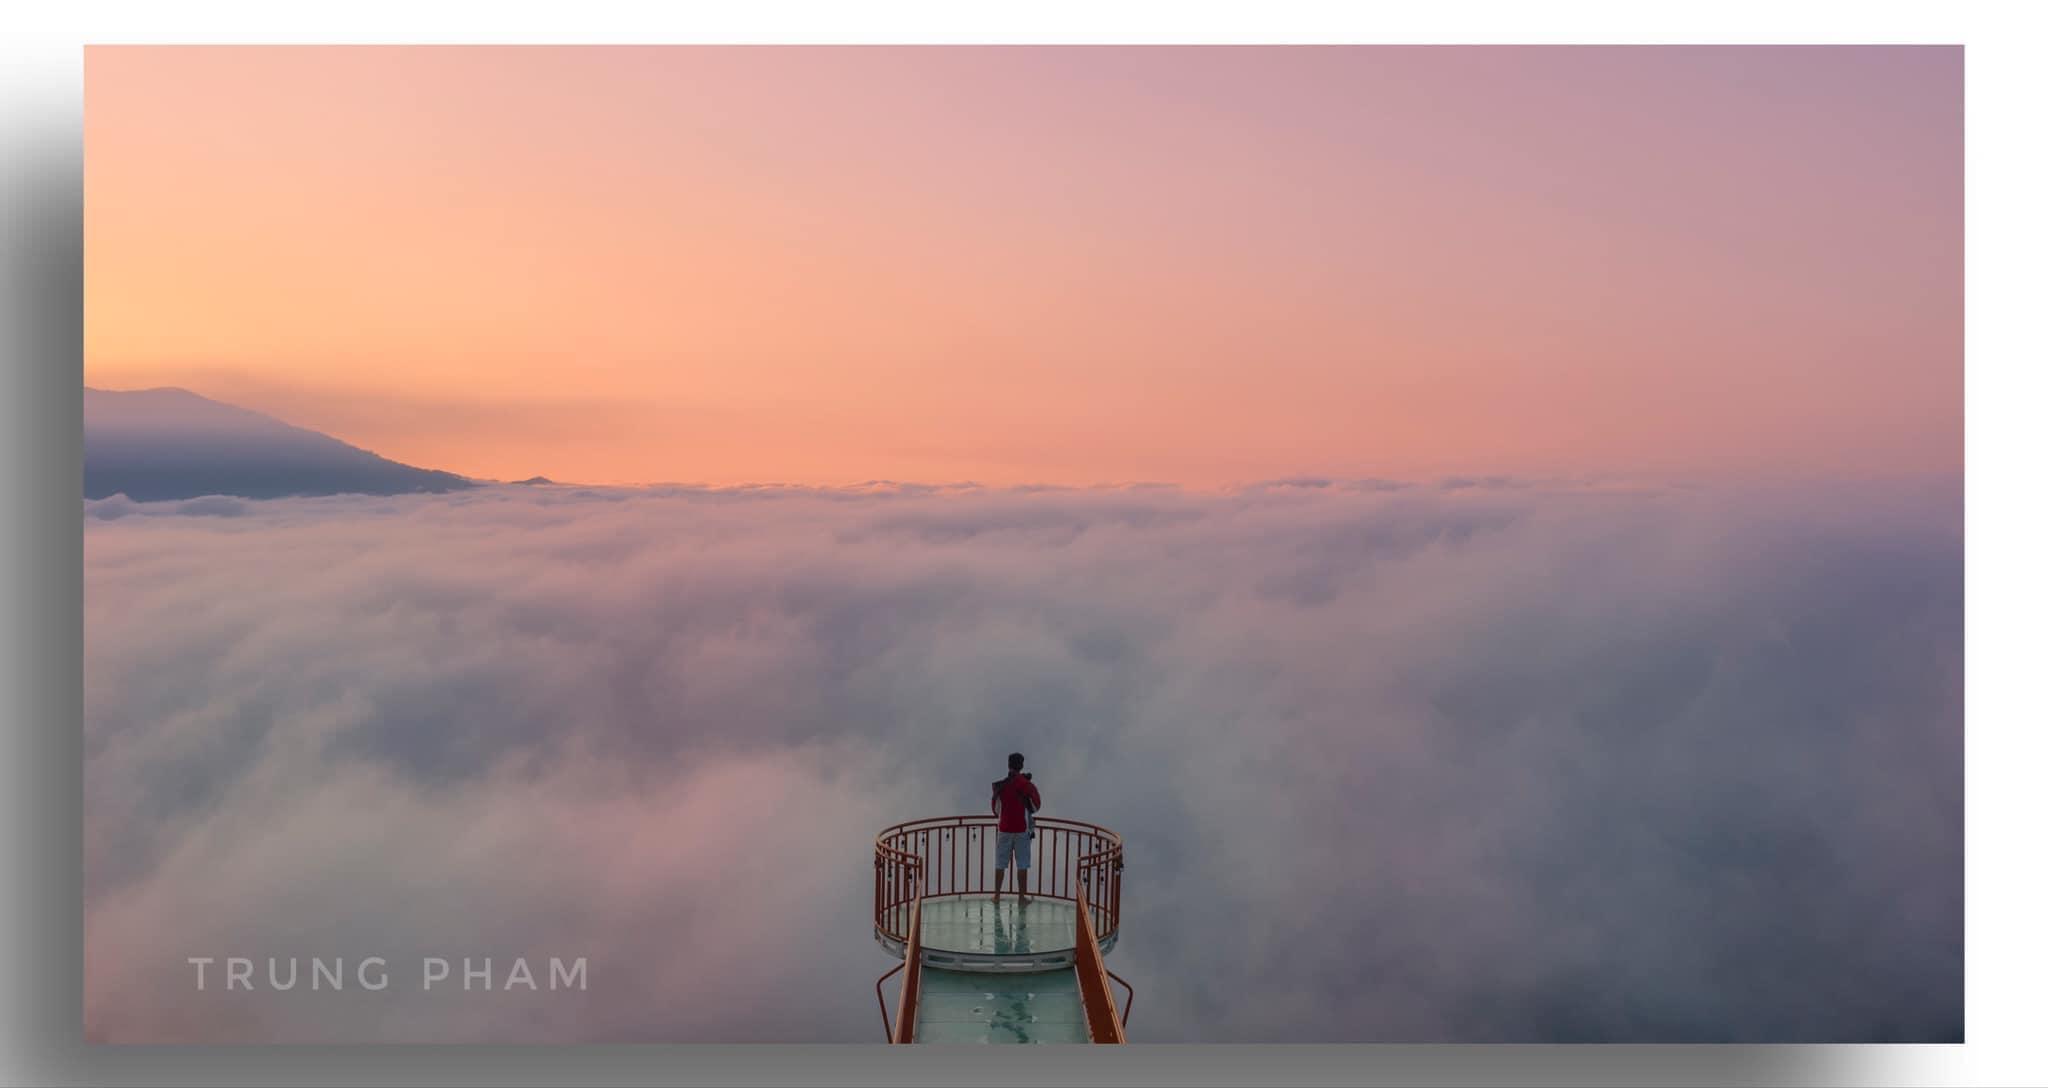 Cầu kính Tà Đùng mờ ảo trong màn sương - Nguồn ảnh: Trung Pham